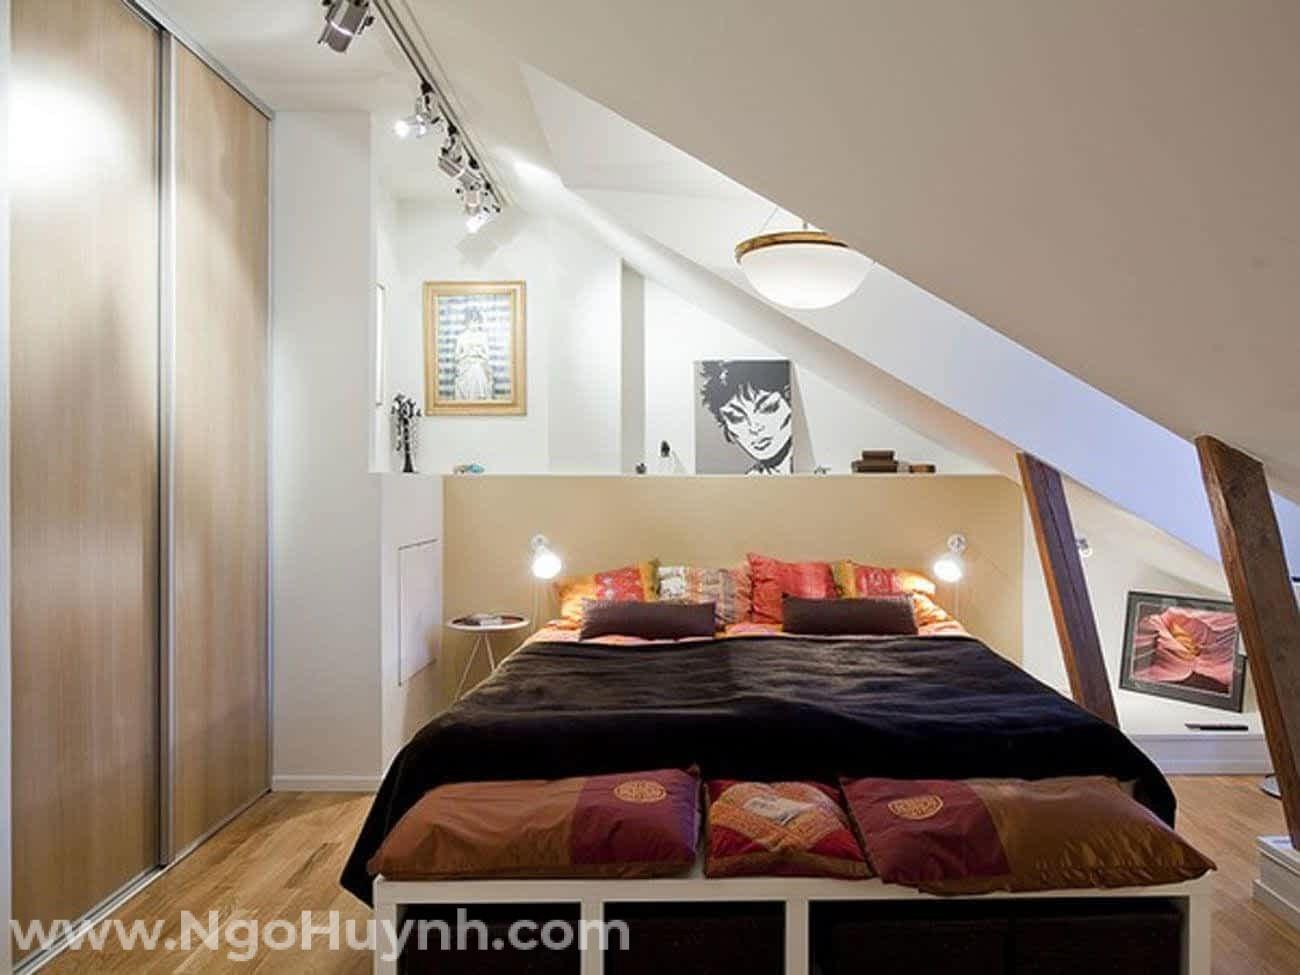 Lựa chọn vật liệu nội thất hoàn thiện và những điều cần biết